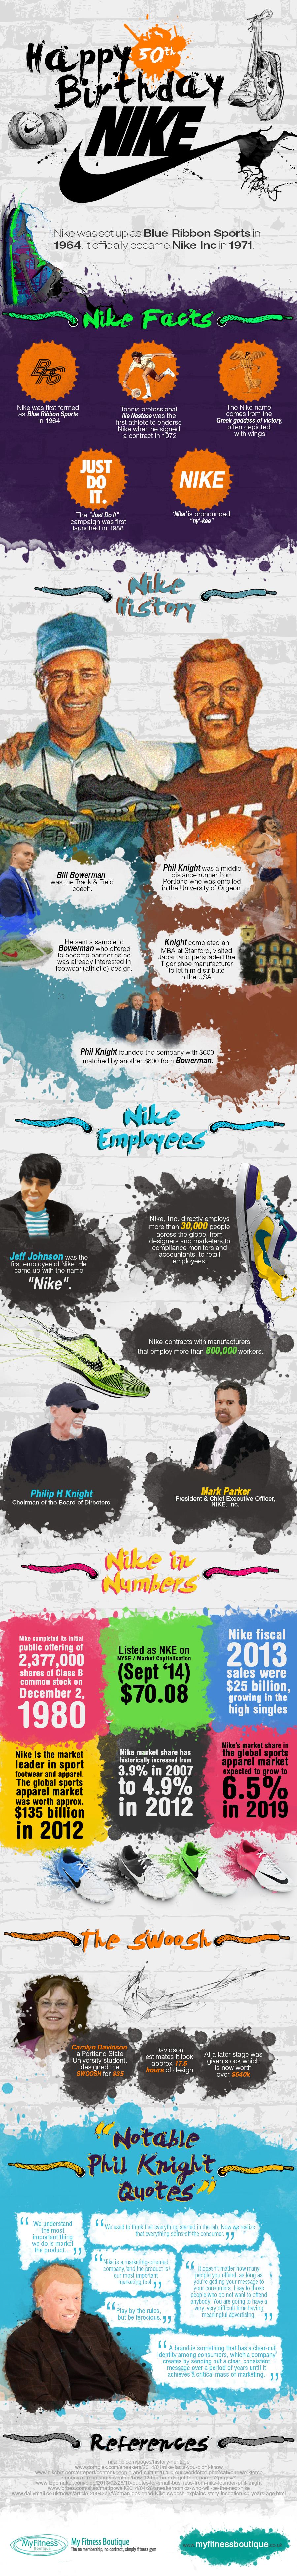 Nike Celebrating 50 Years